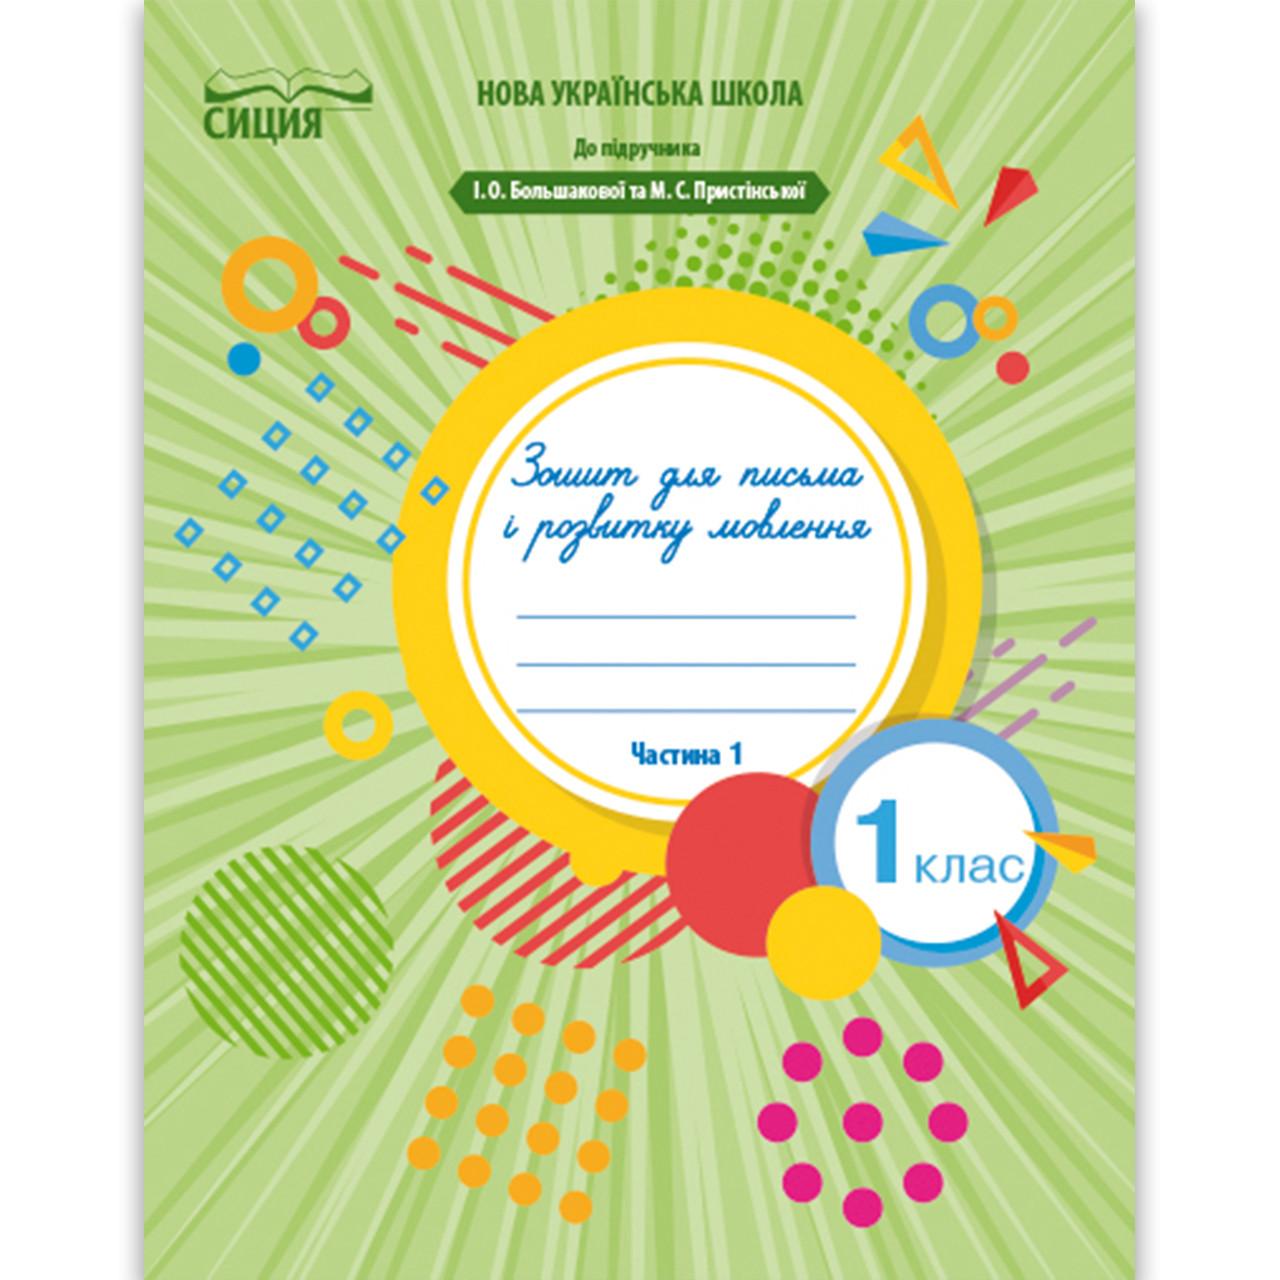 Зошит для письма і розвитку мовлення 1 клас Частина 1 До букваря Большакової І. Авт: Чаплюк Н. Вид: Сиция